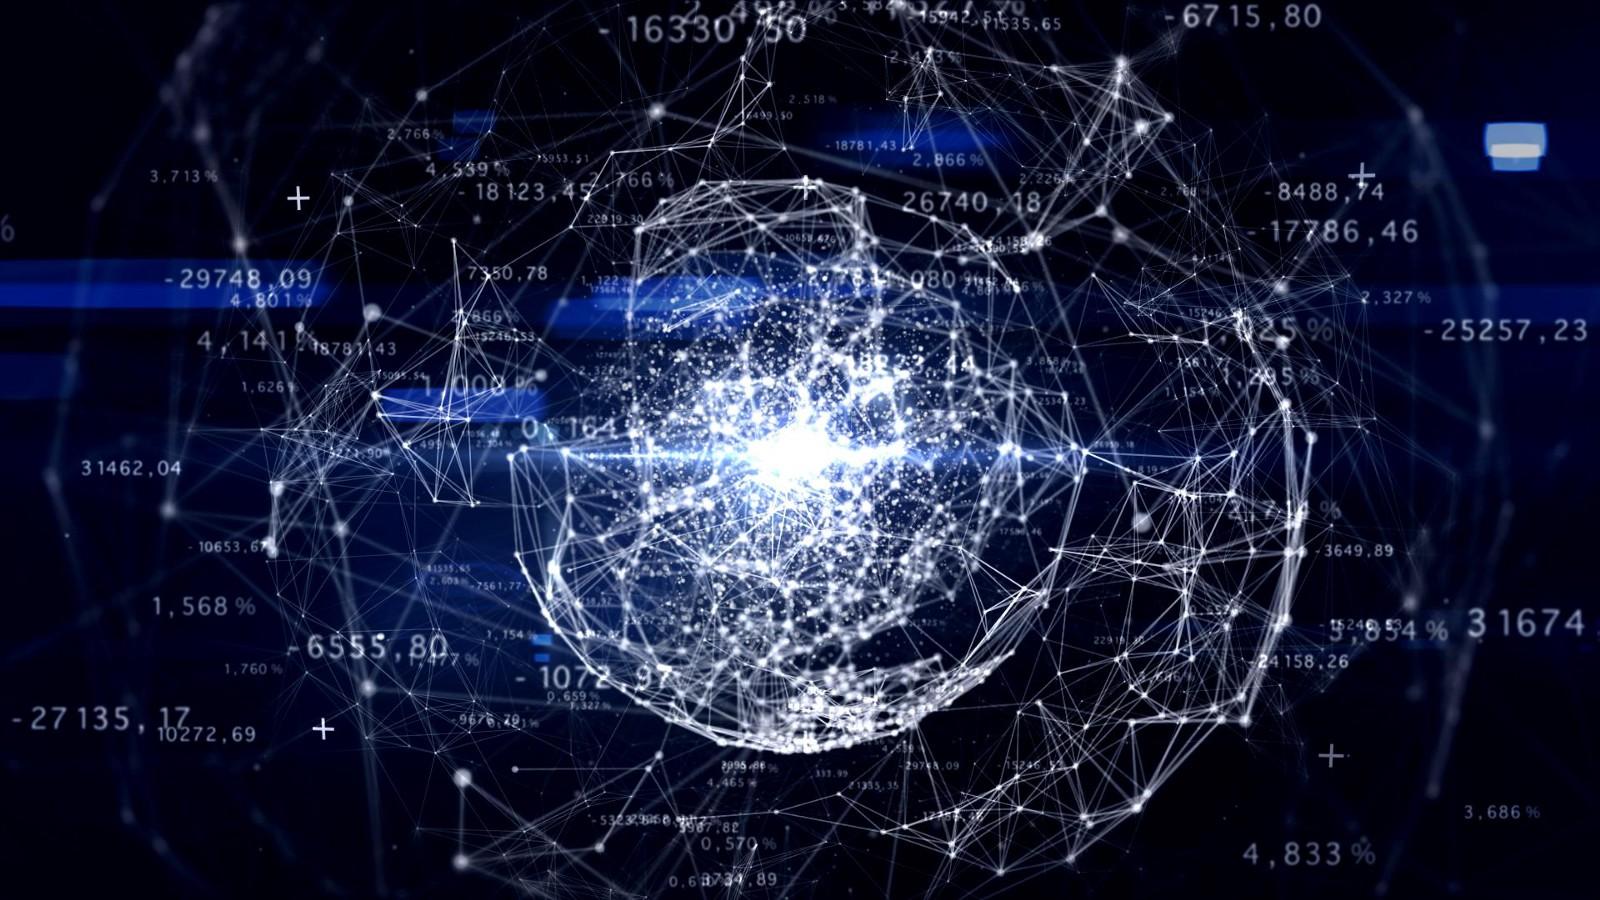 /iota-the-tangle-the-future-backbone-of-the-iot-e7e417d5d86b feature image